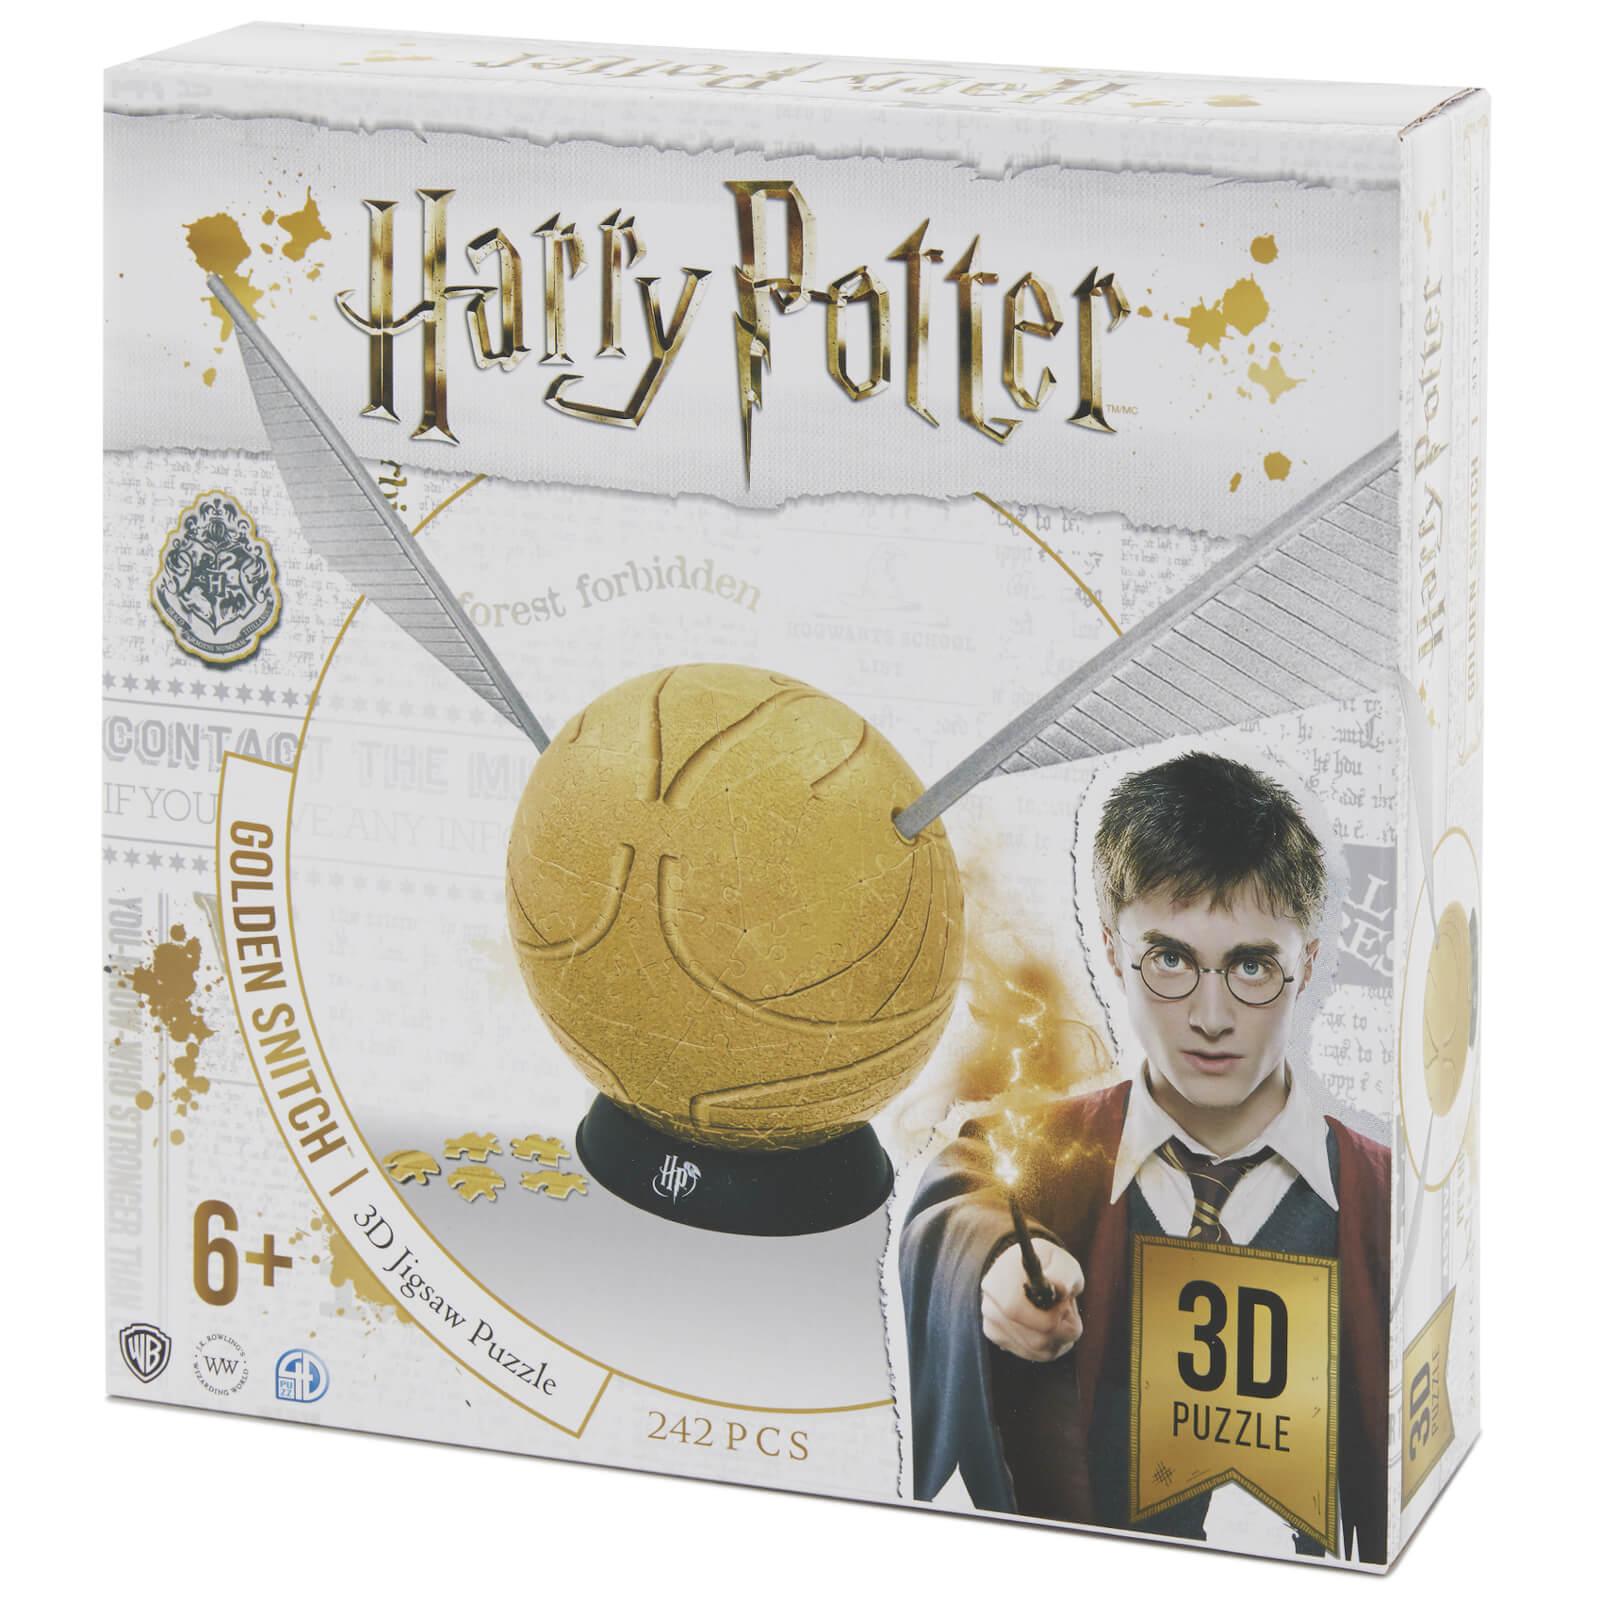 4D Cityscape Harry Potter 6 Inch Golden Snitch 3D Puzzle (242 Pieces)